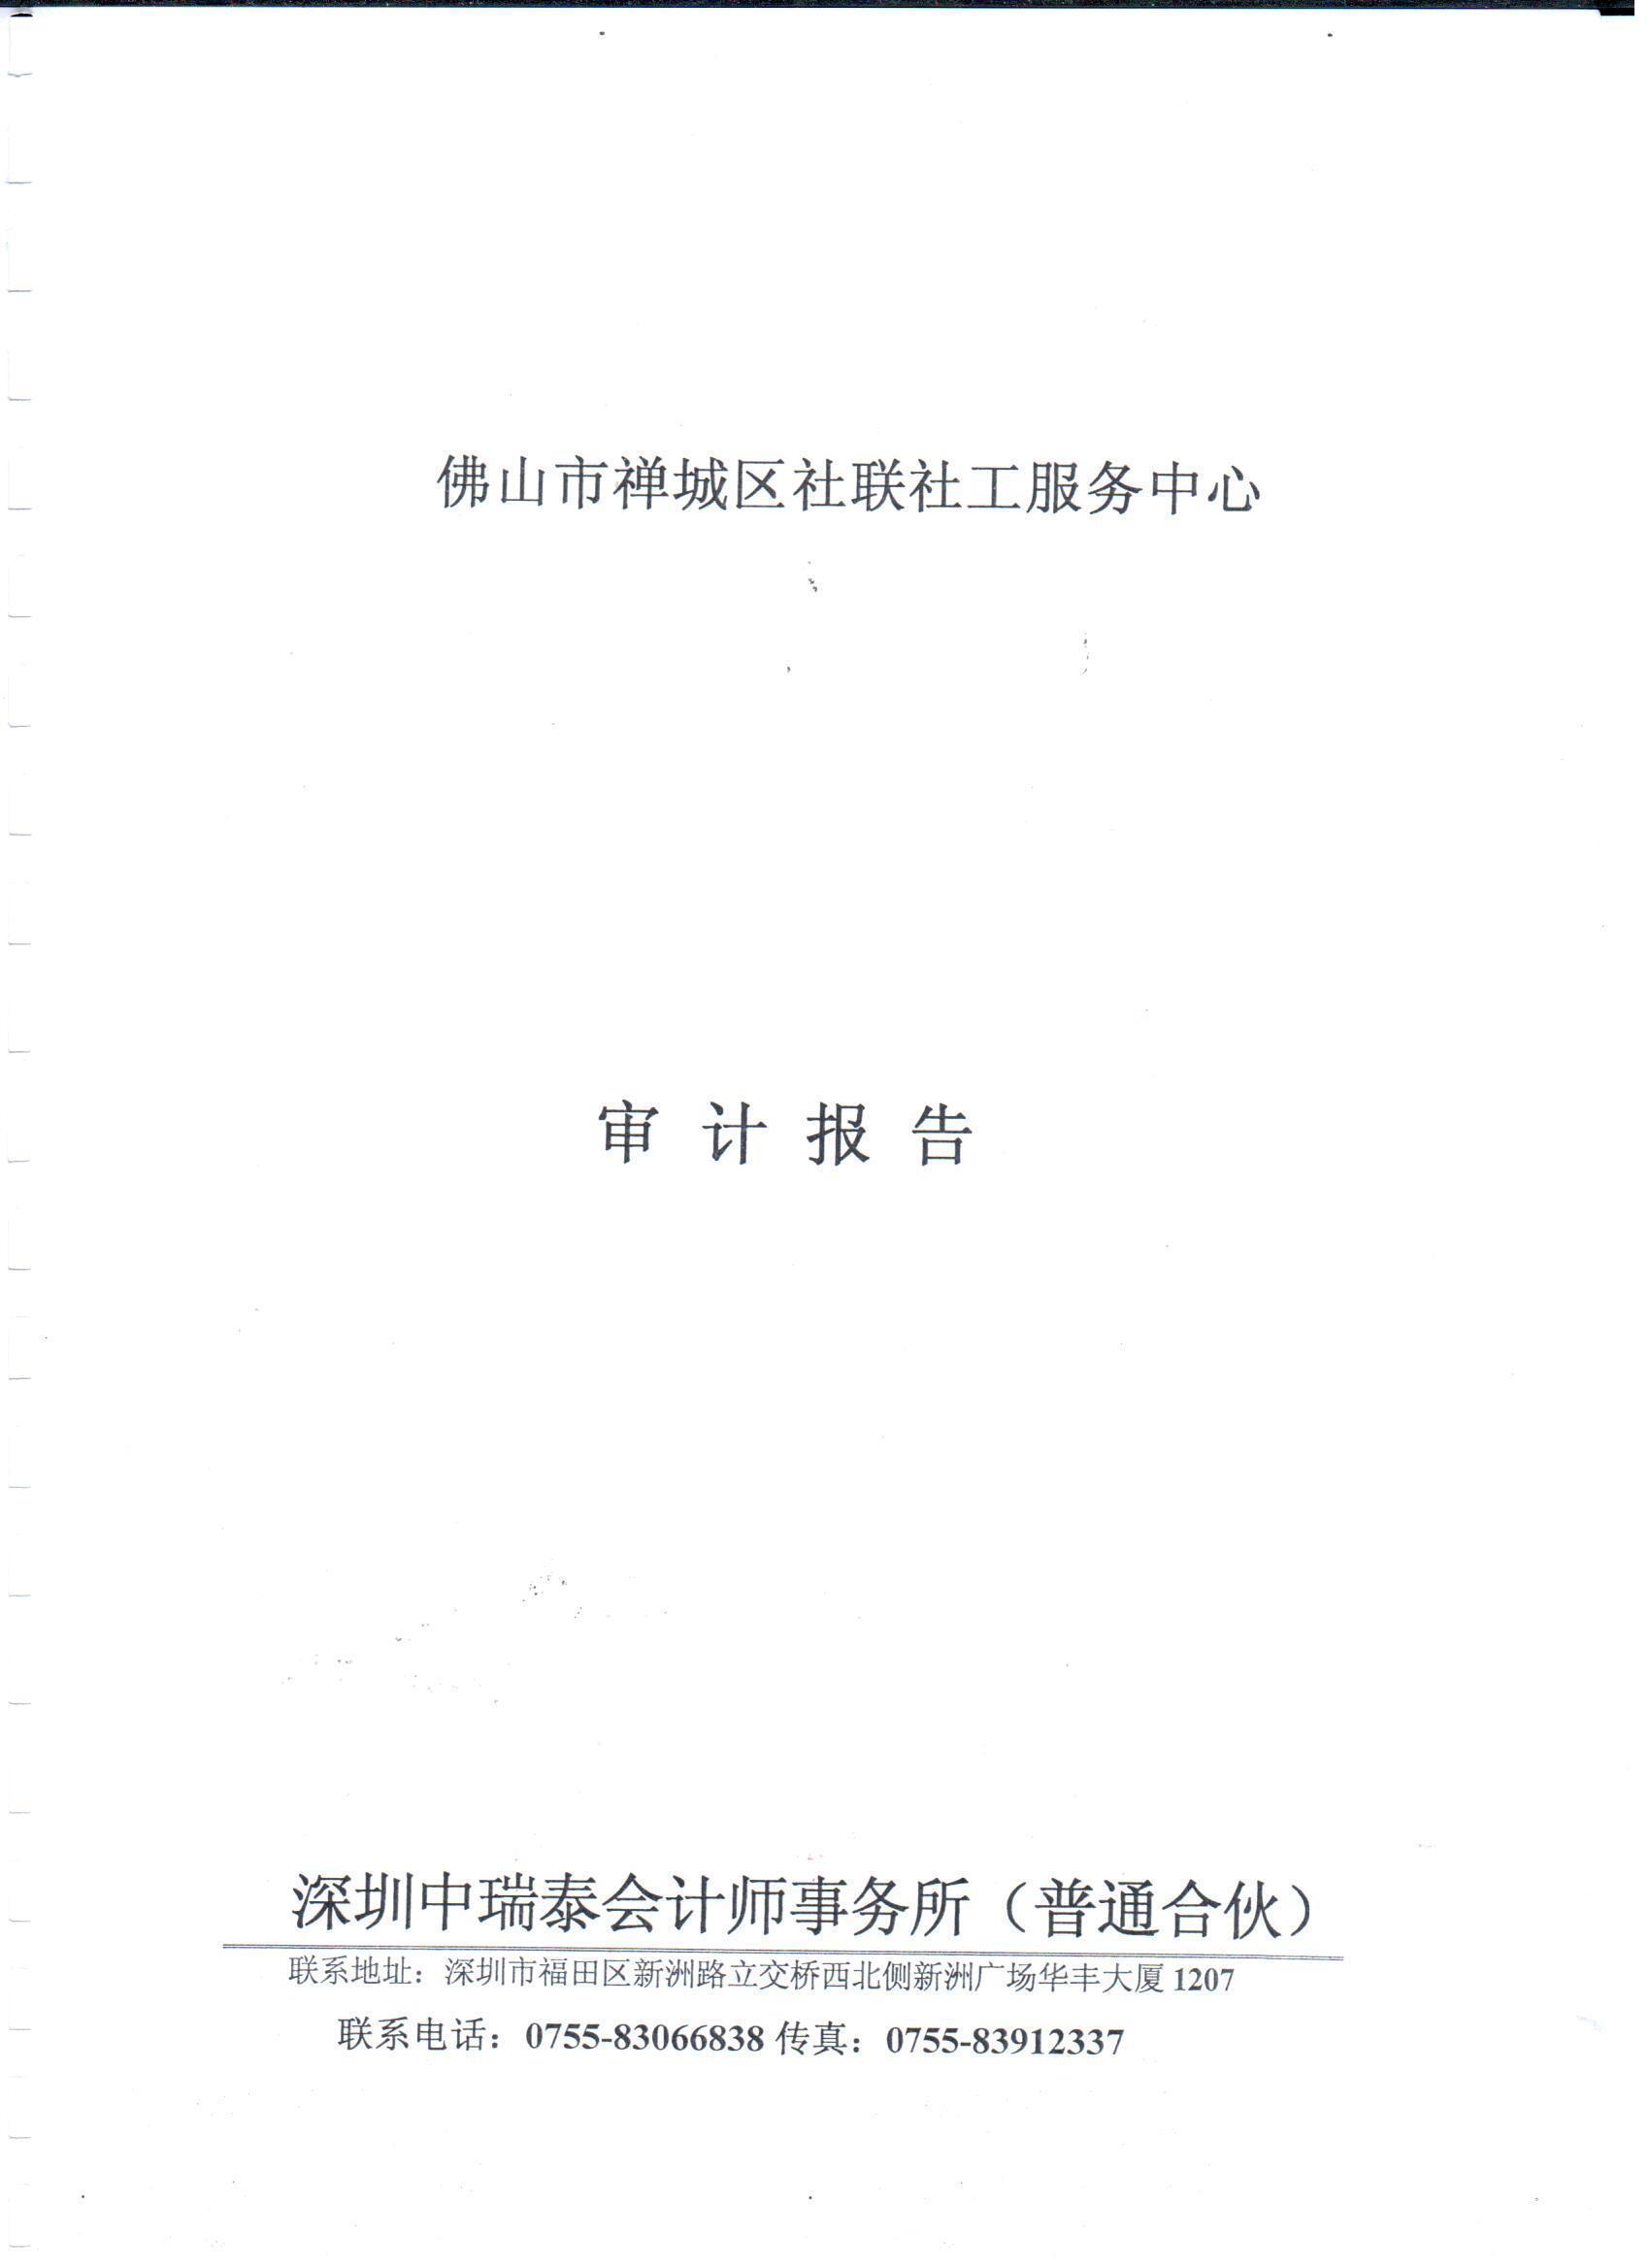 2015年财务审计报告